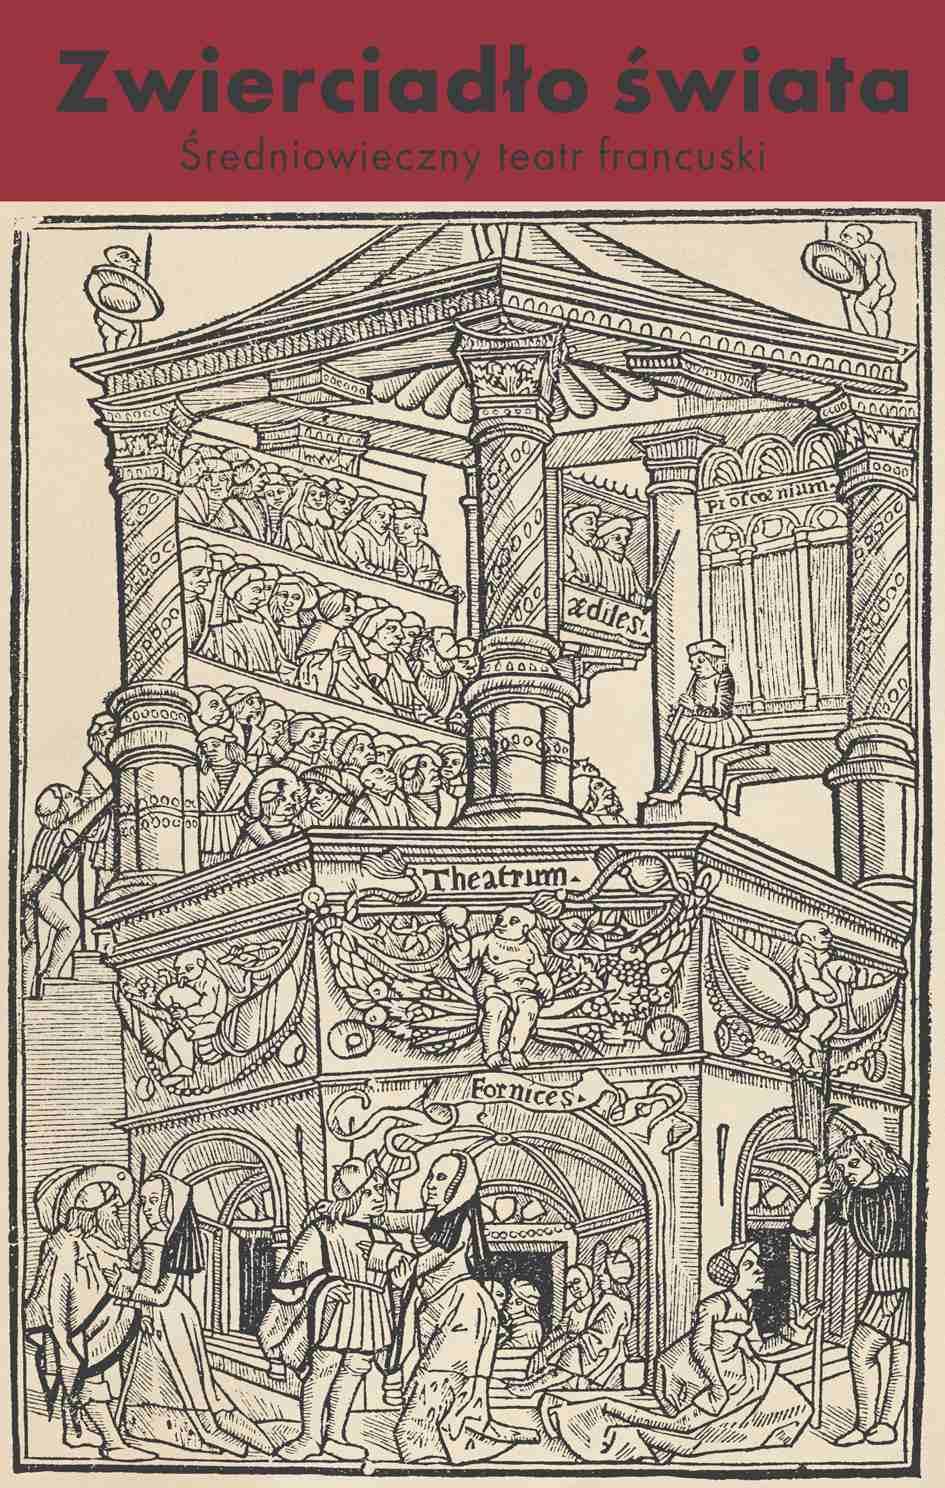 Zwierciadło świata. Średniowieczny teatr francuski - Ebook (Książka EPUB) do pobrania w formacie EPUB